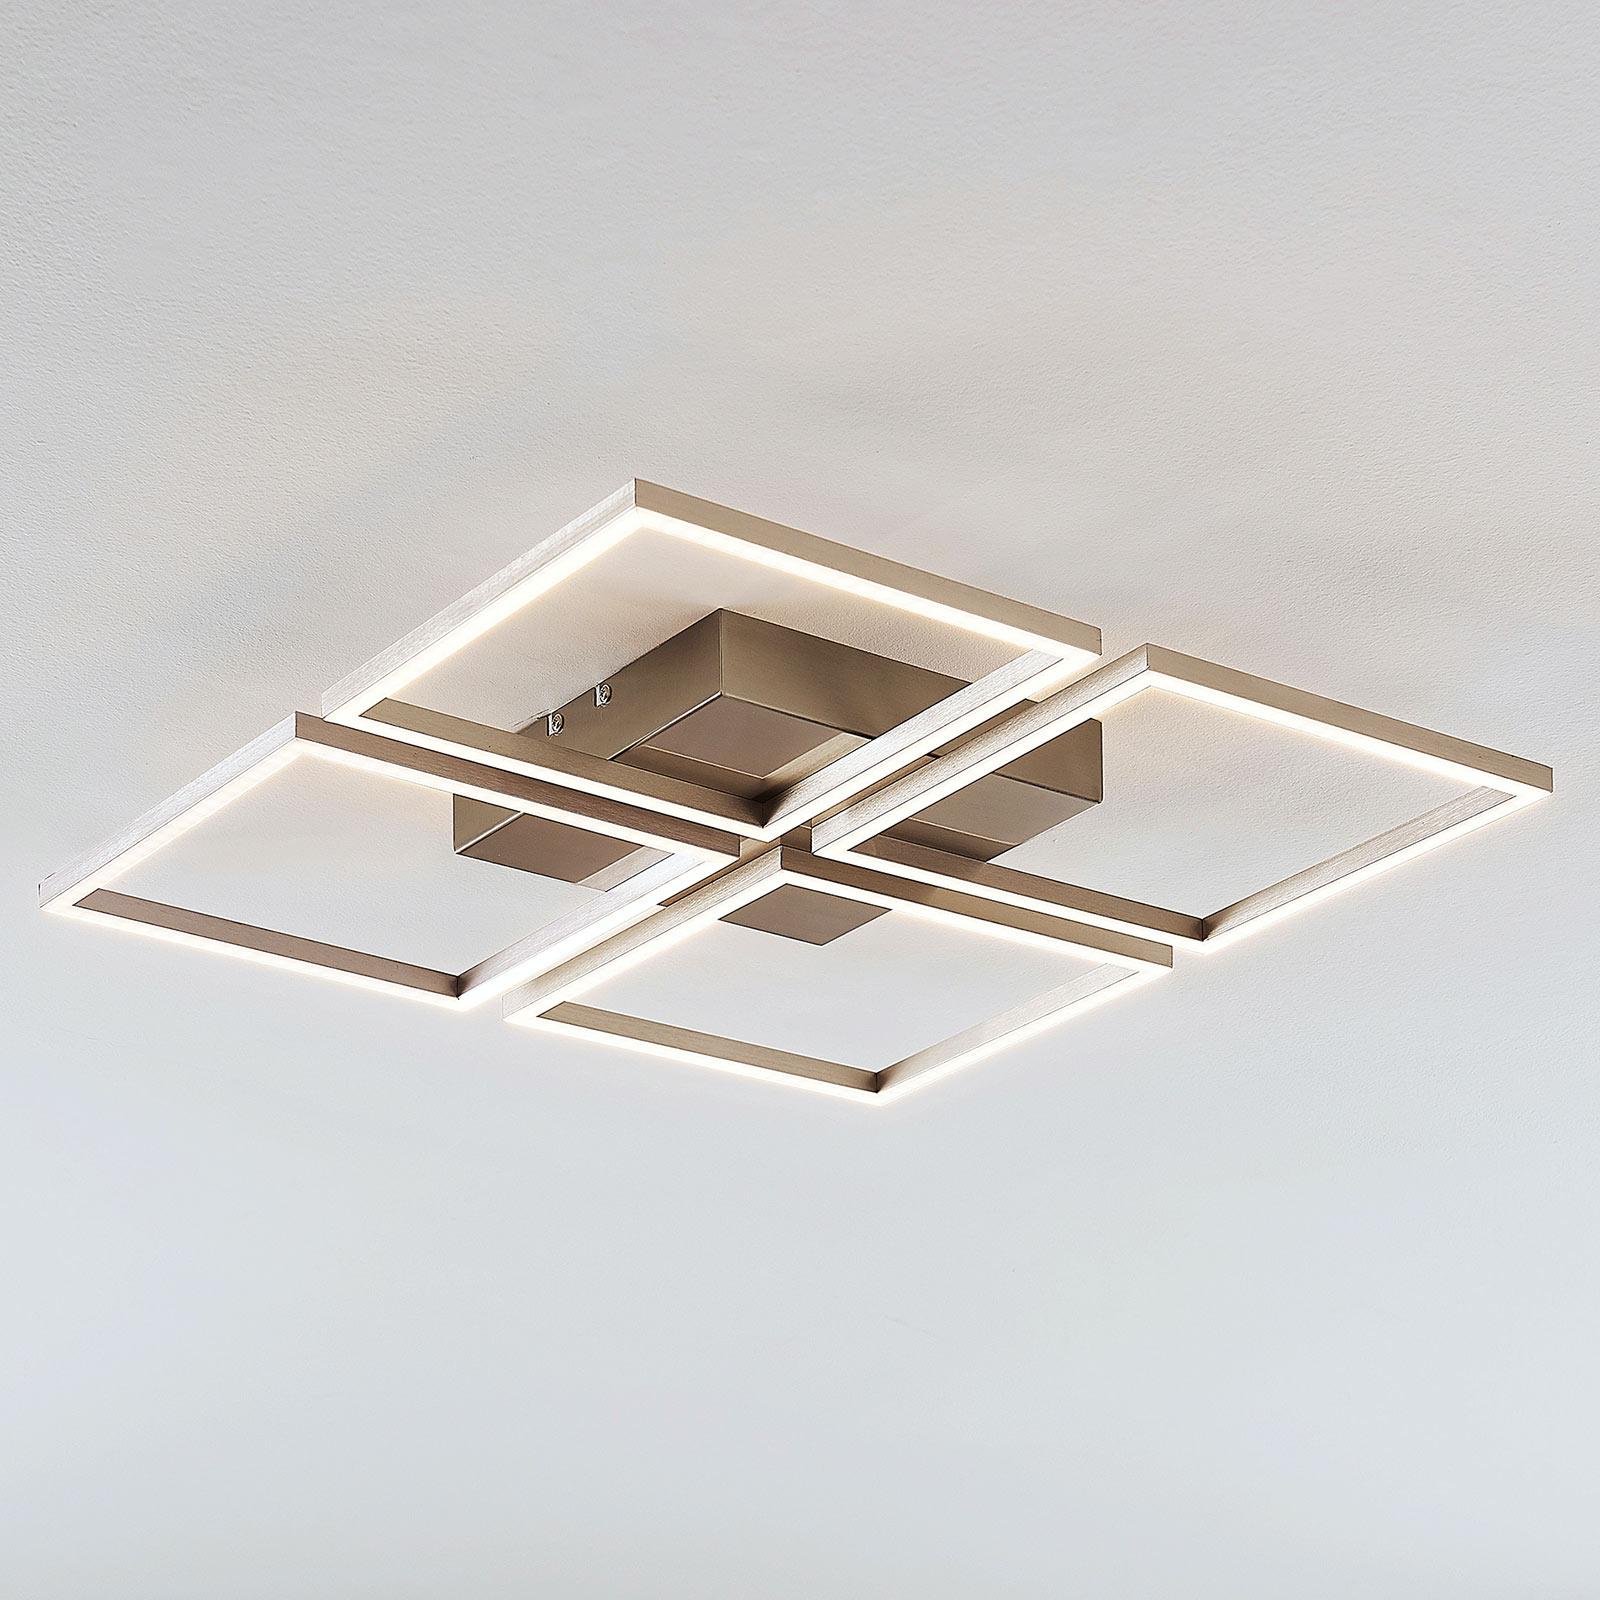 LED plafondlamp Quadra, 4 lampen, dimbaar